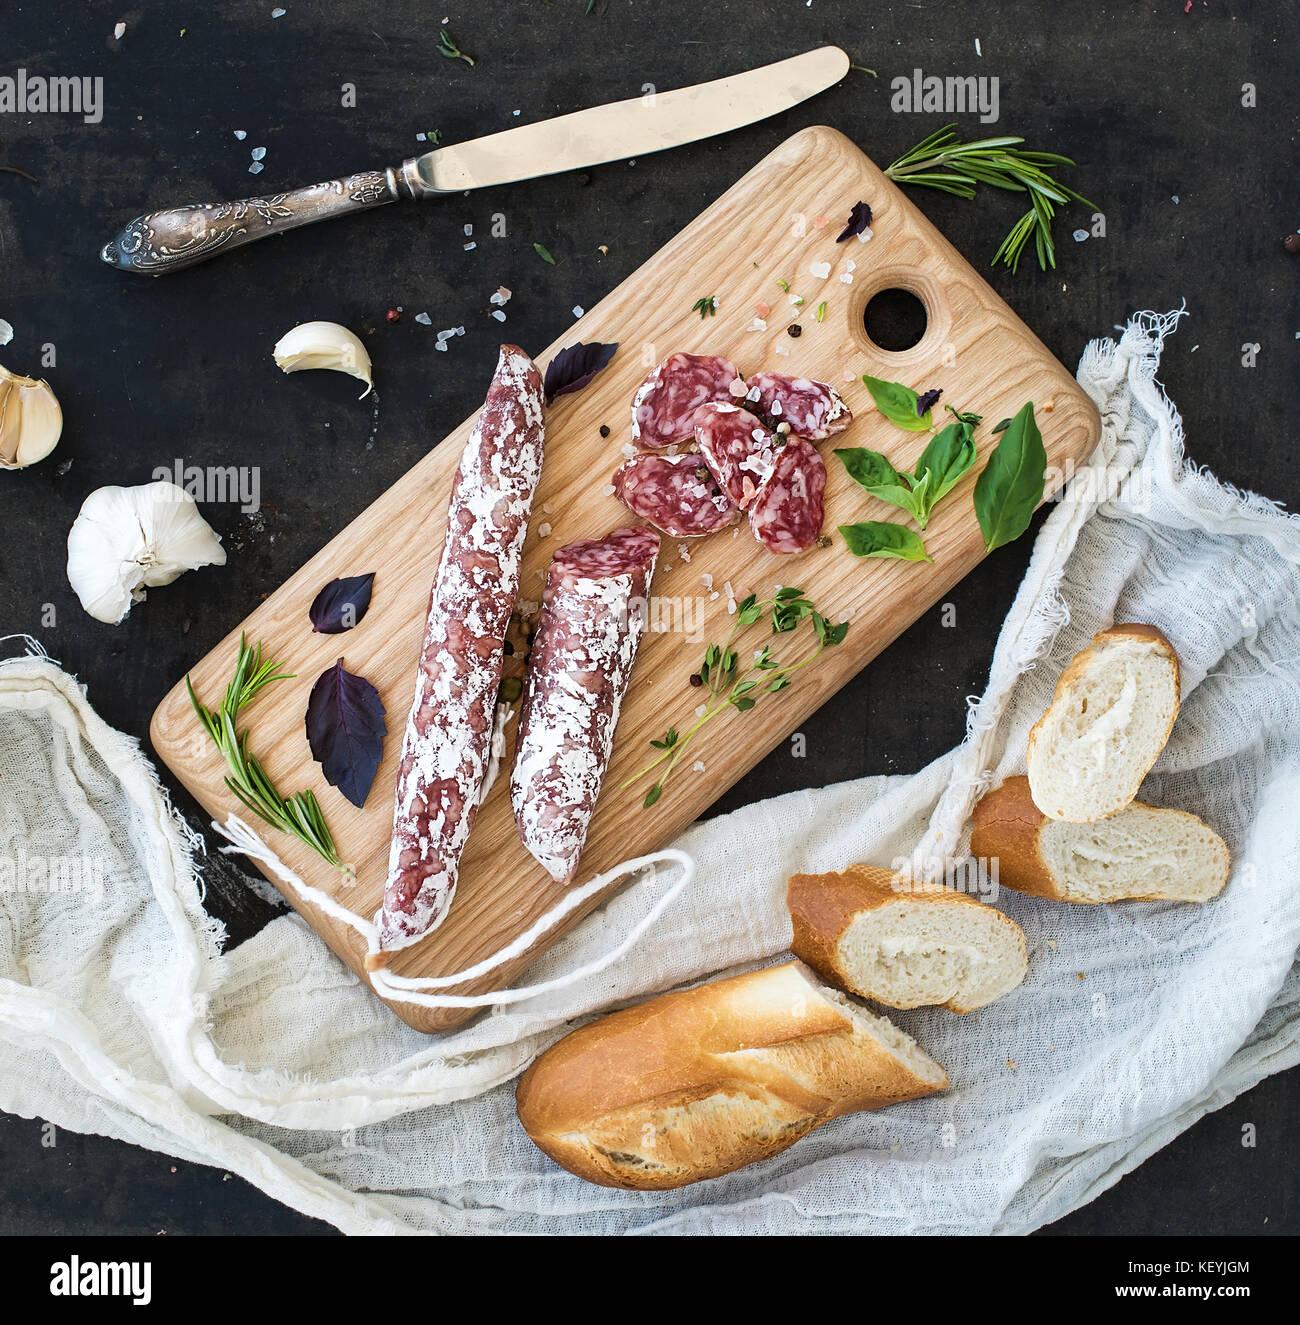 Snack-gastronomique de la viande, l'ail salami., baguette et herbes sur planche de bois rustique Photo Stock